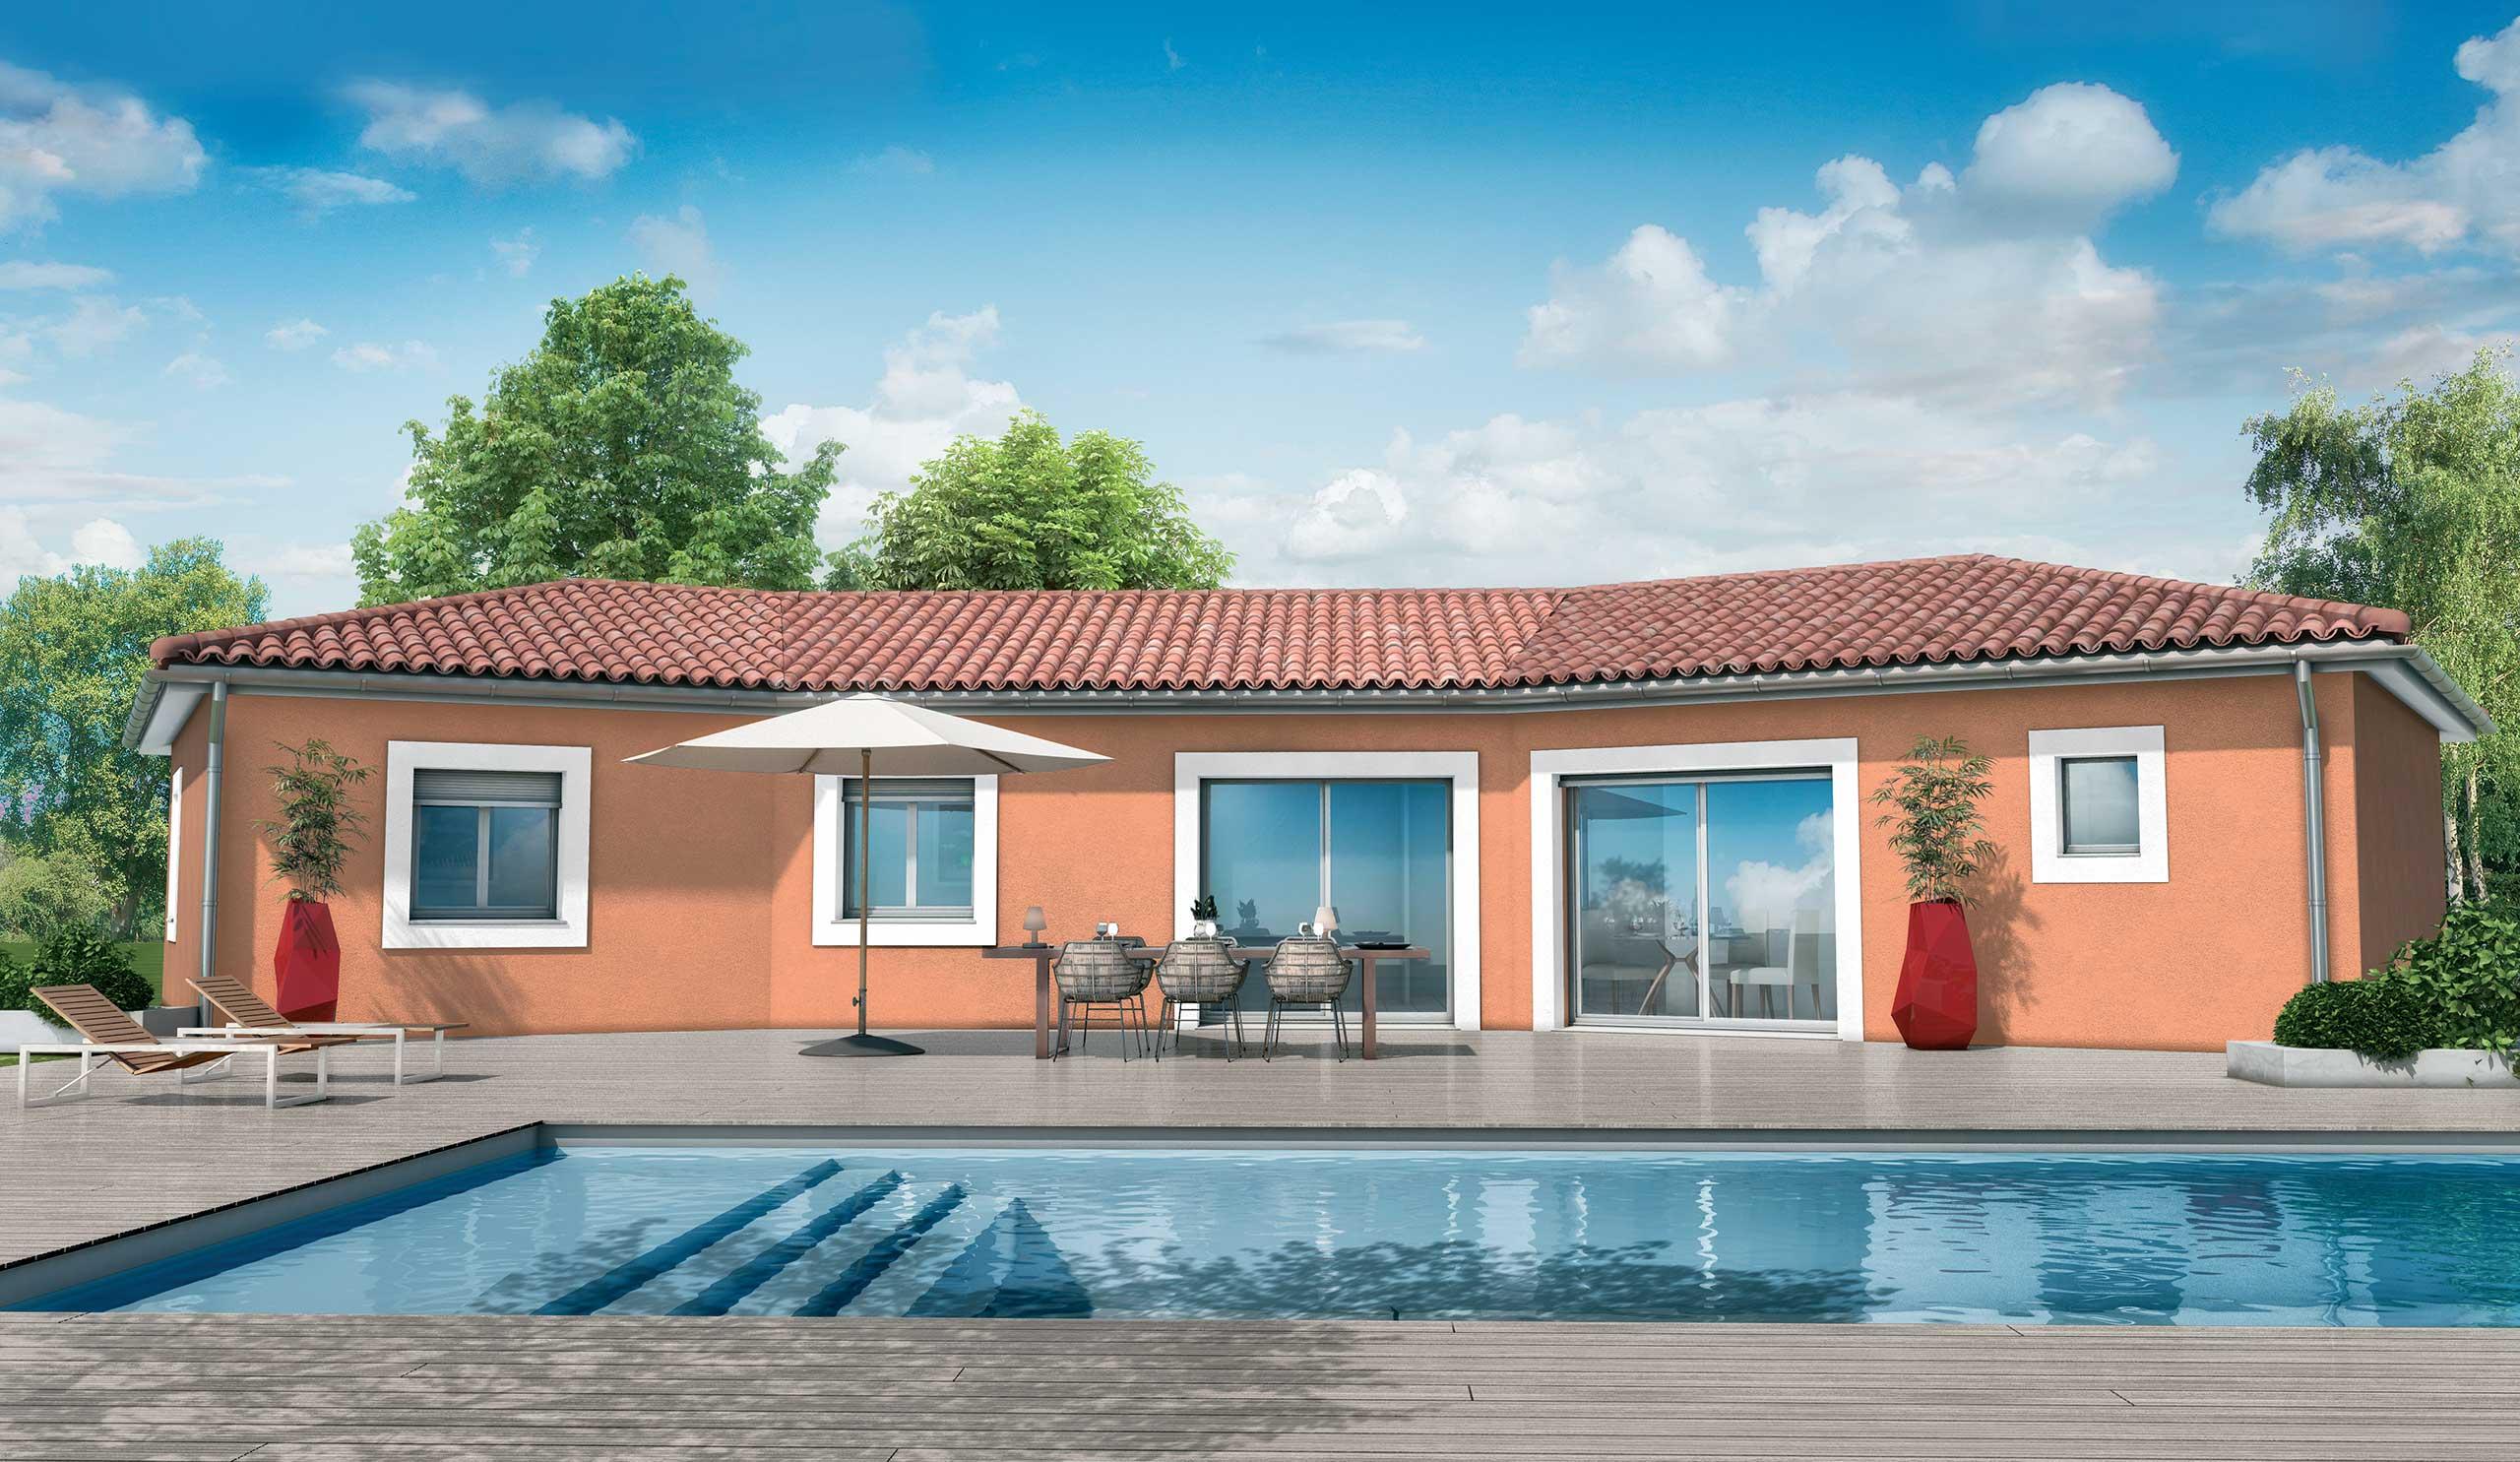 maison modèle de maison cèdre : une maison au design méditerranéen